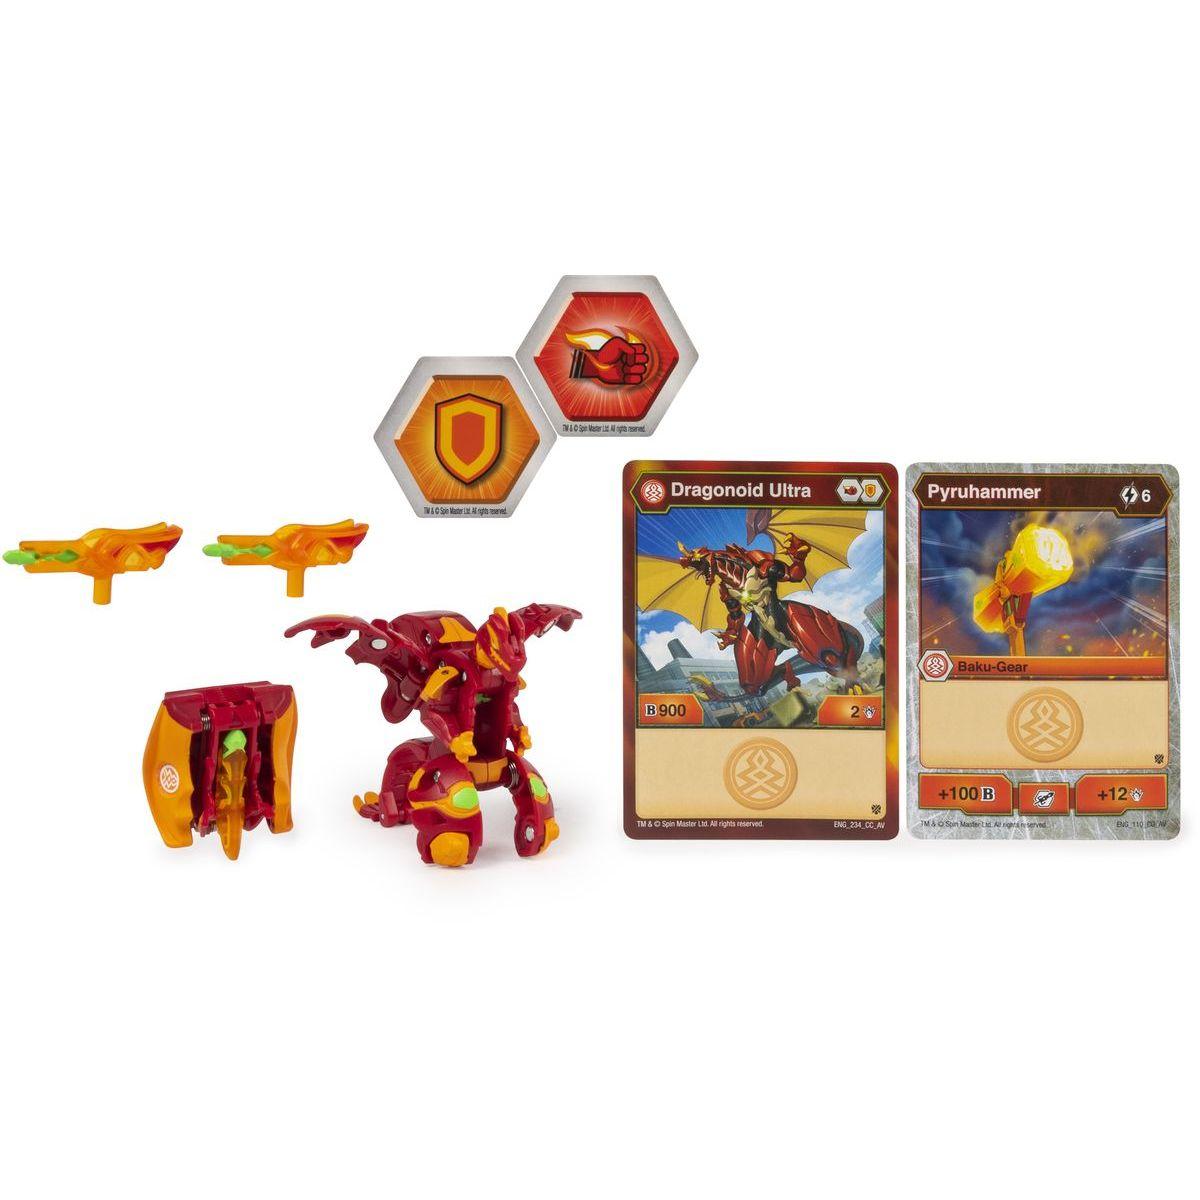 Bakugan bojovník s přídavnou výstrojí s2 Dragonoid